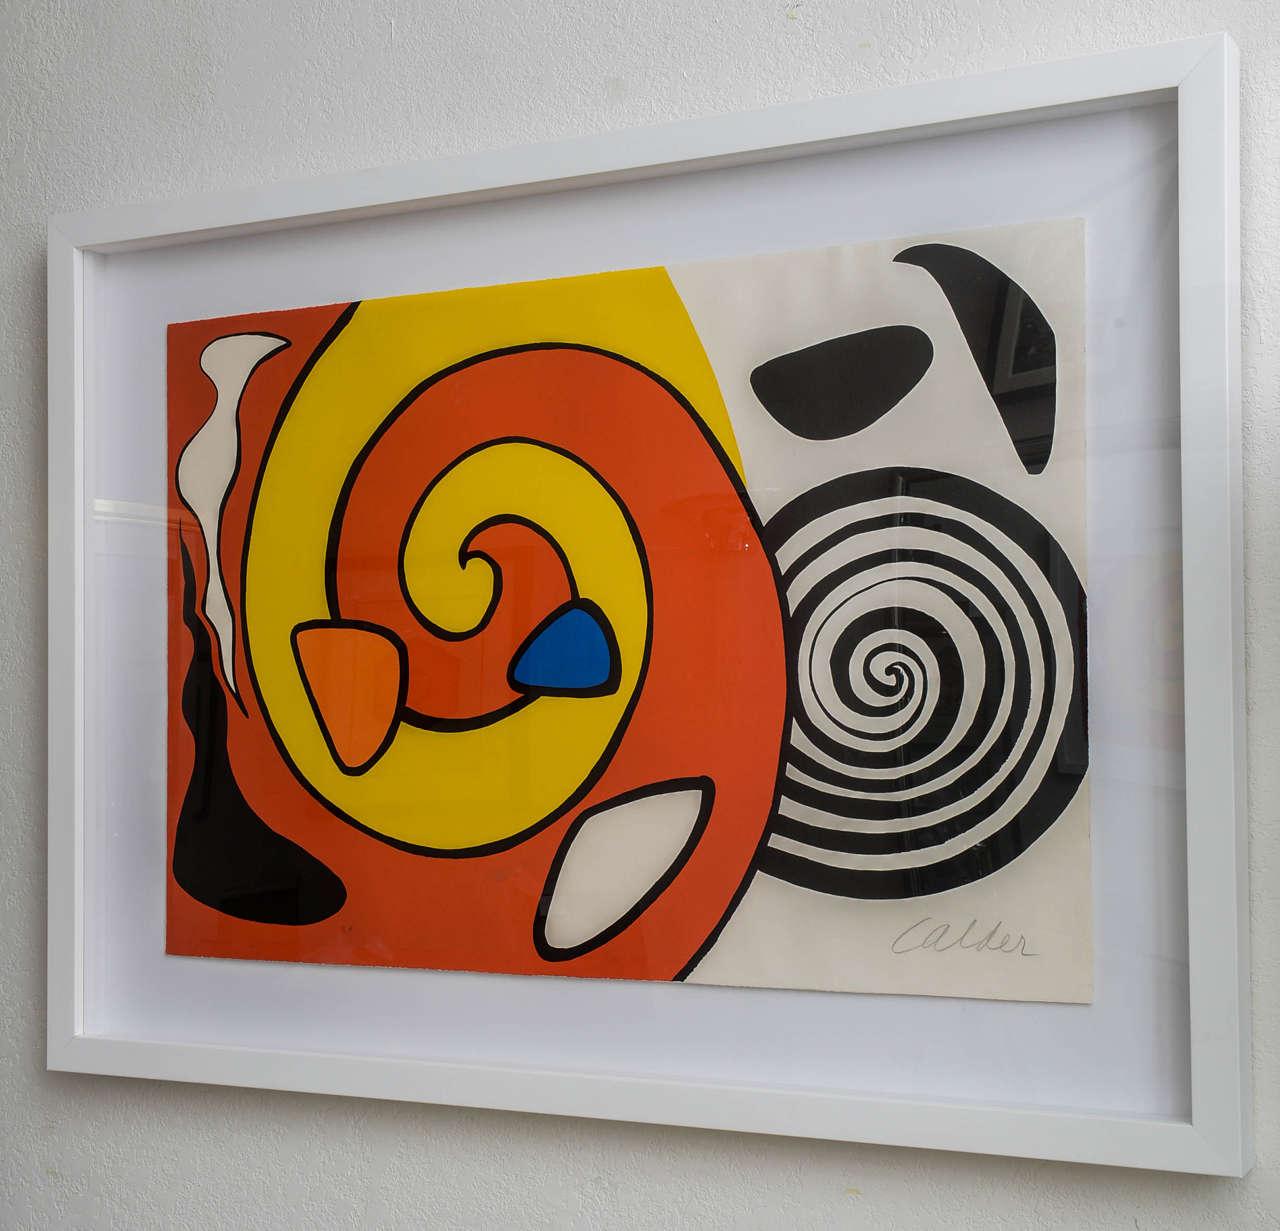 Alexander Calder, Circa 1965